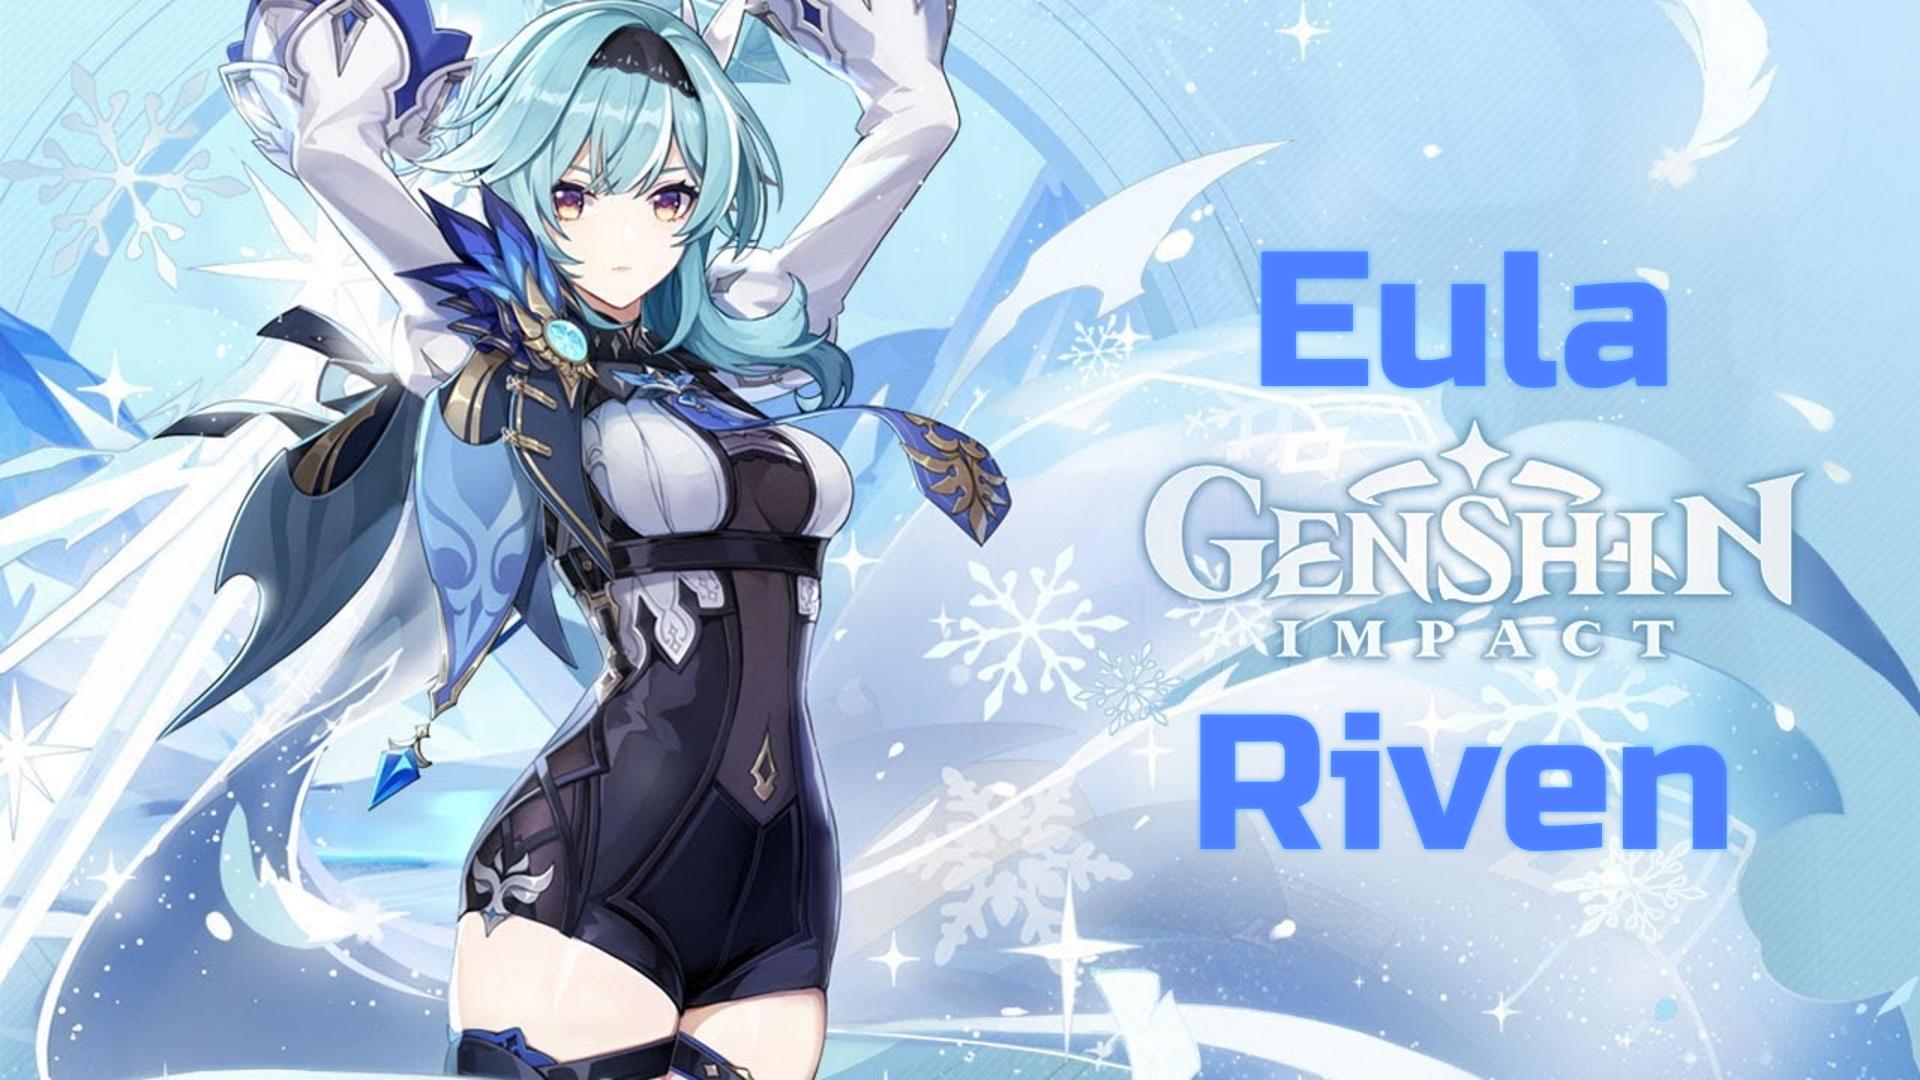 Eula (Riven) – Genshin Impact